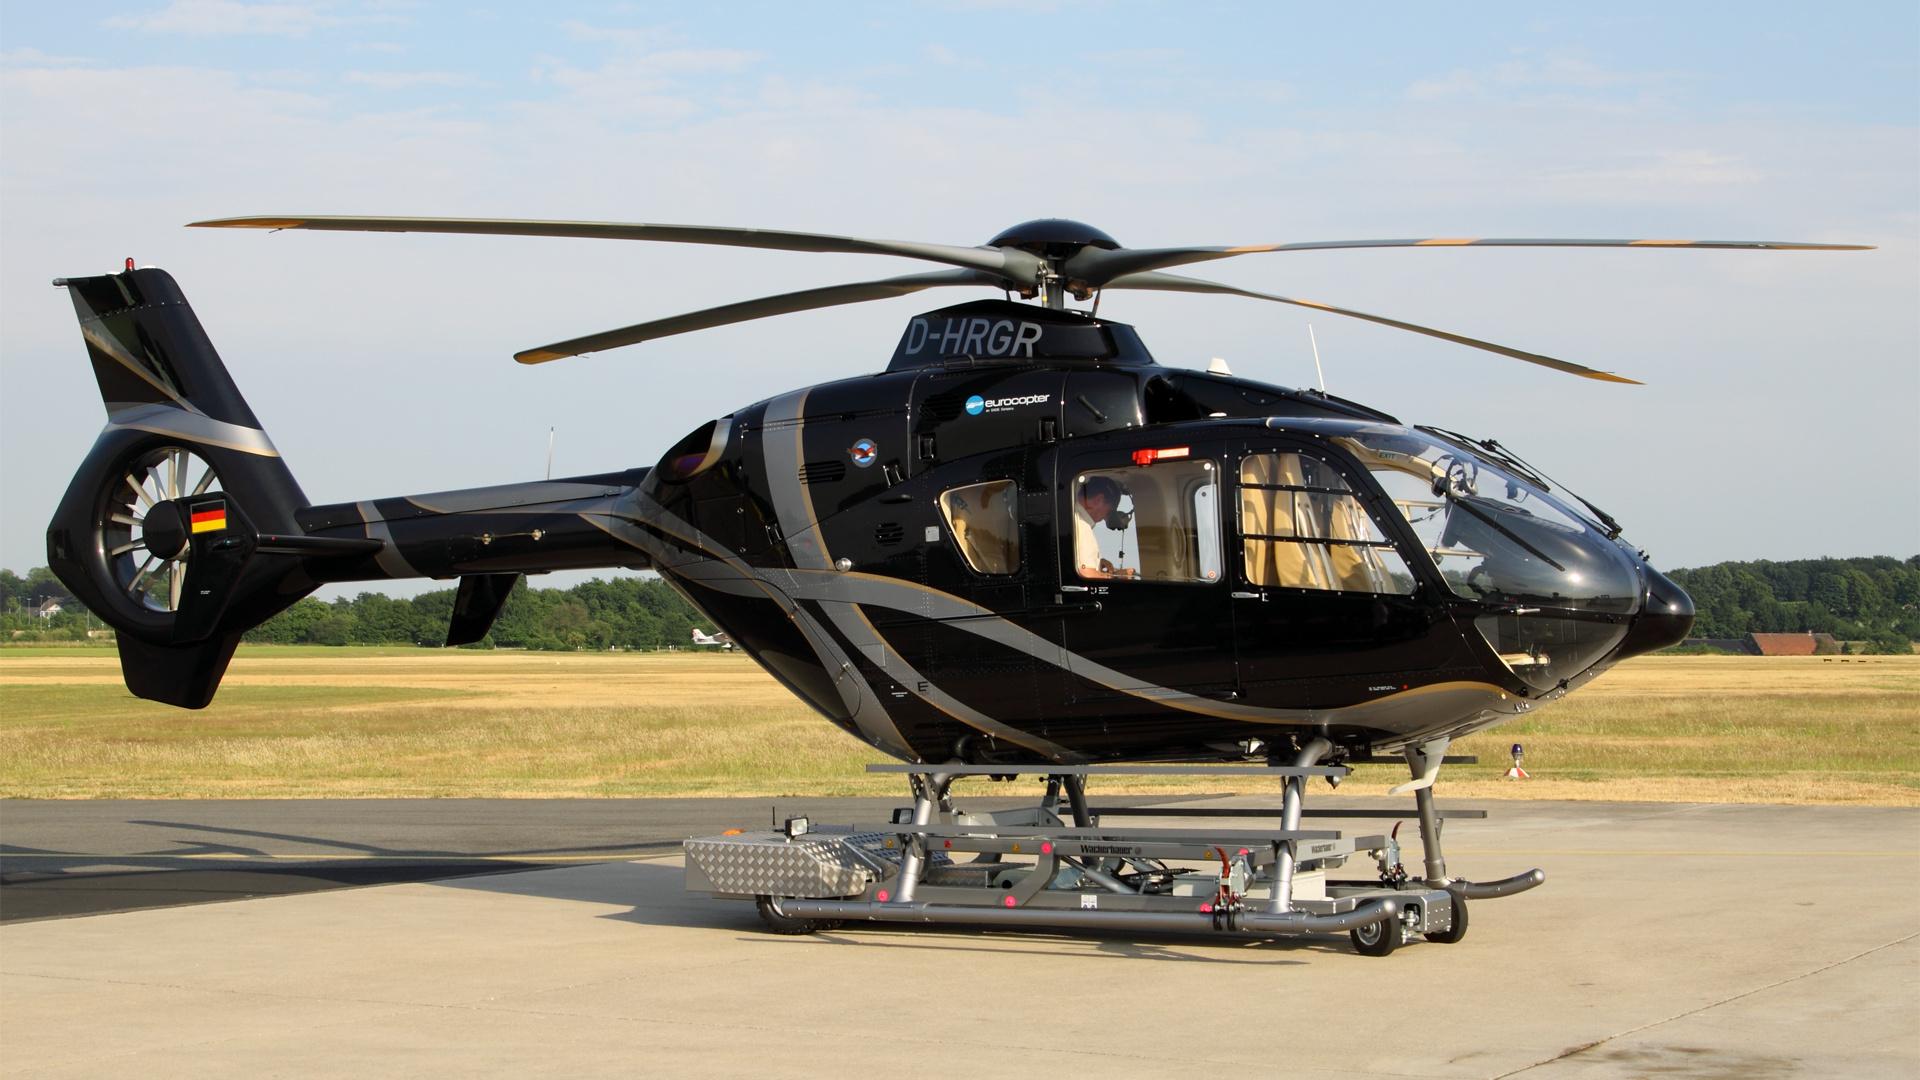 D-HRGR-2 EC135 ESS 201007